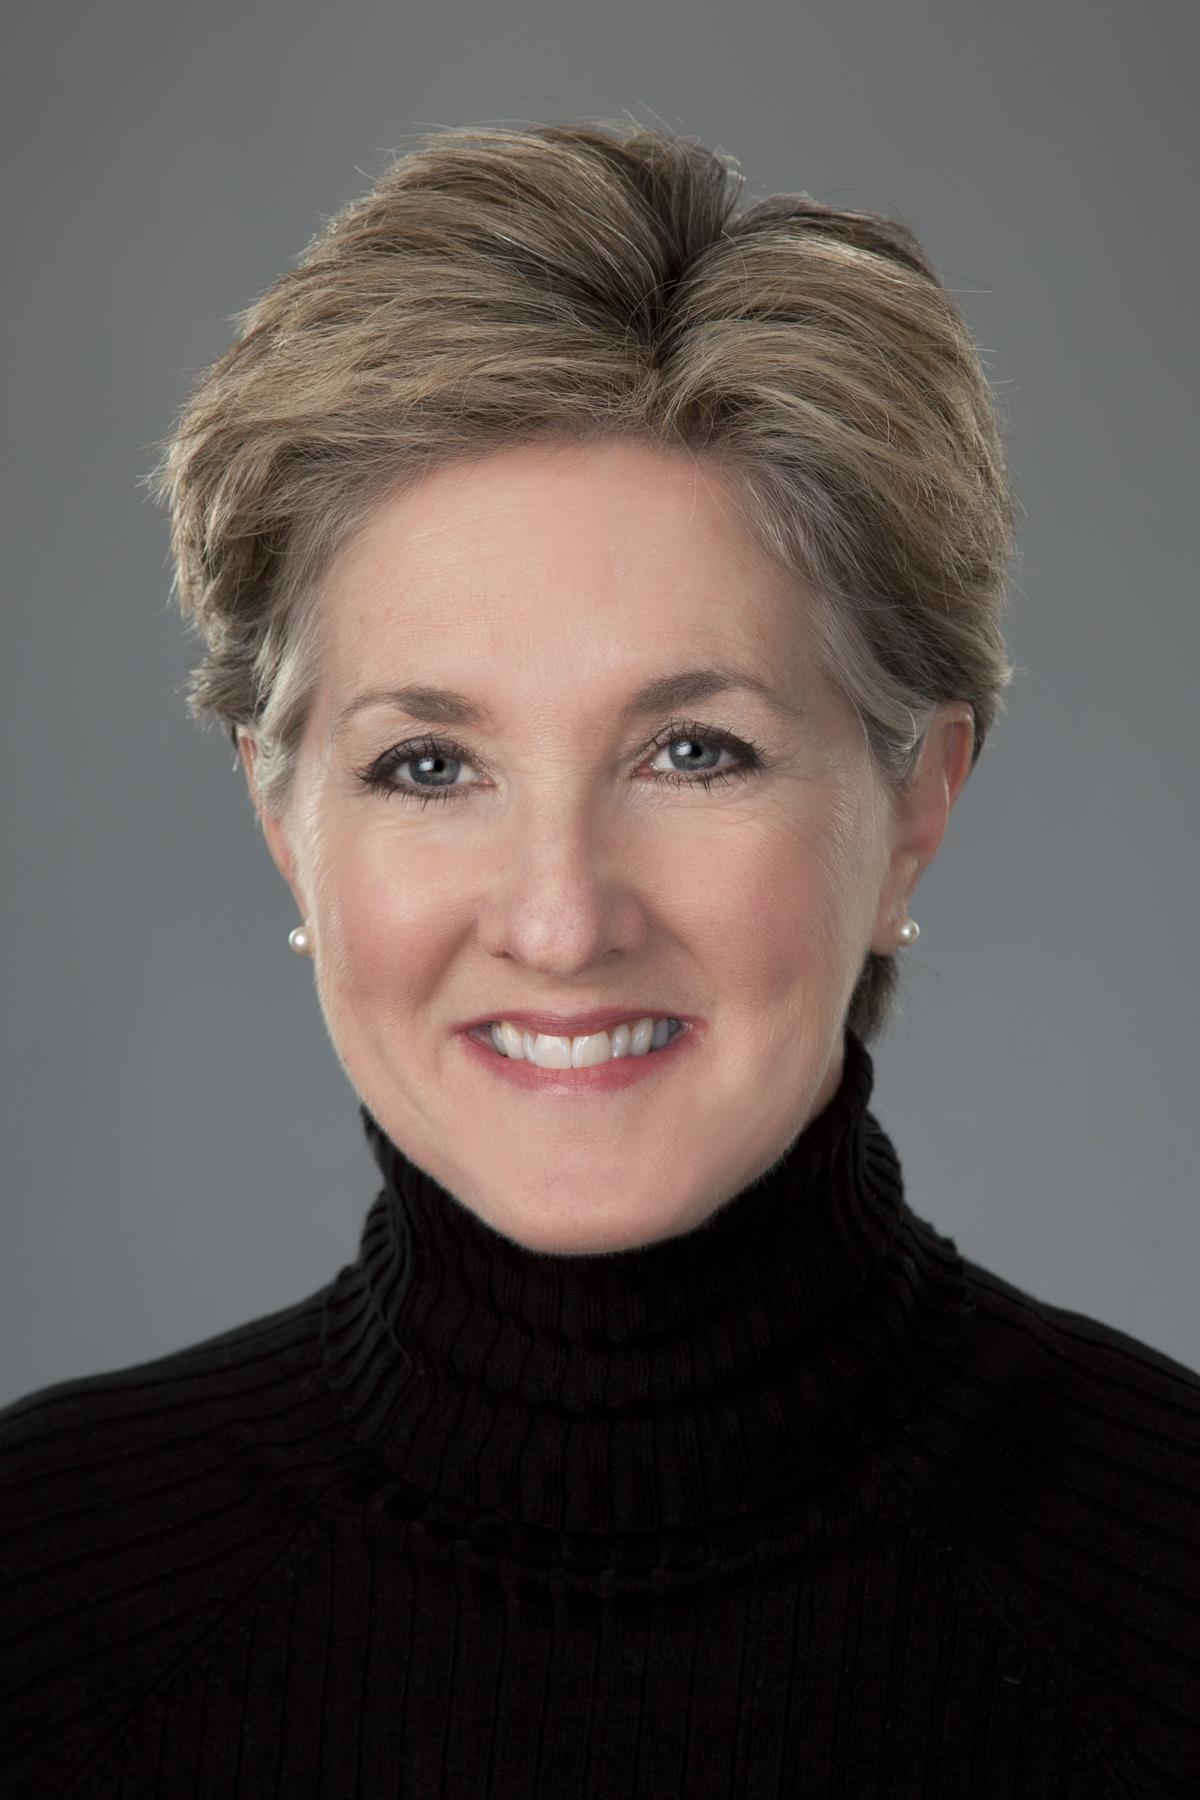 Denise Moran